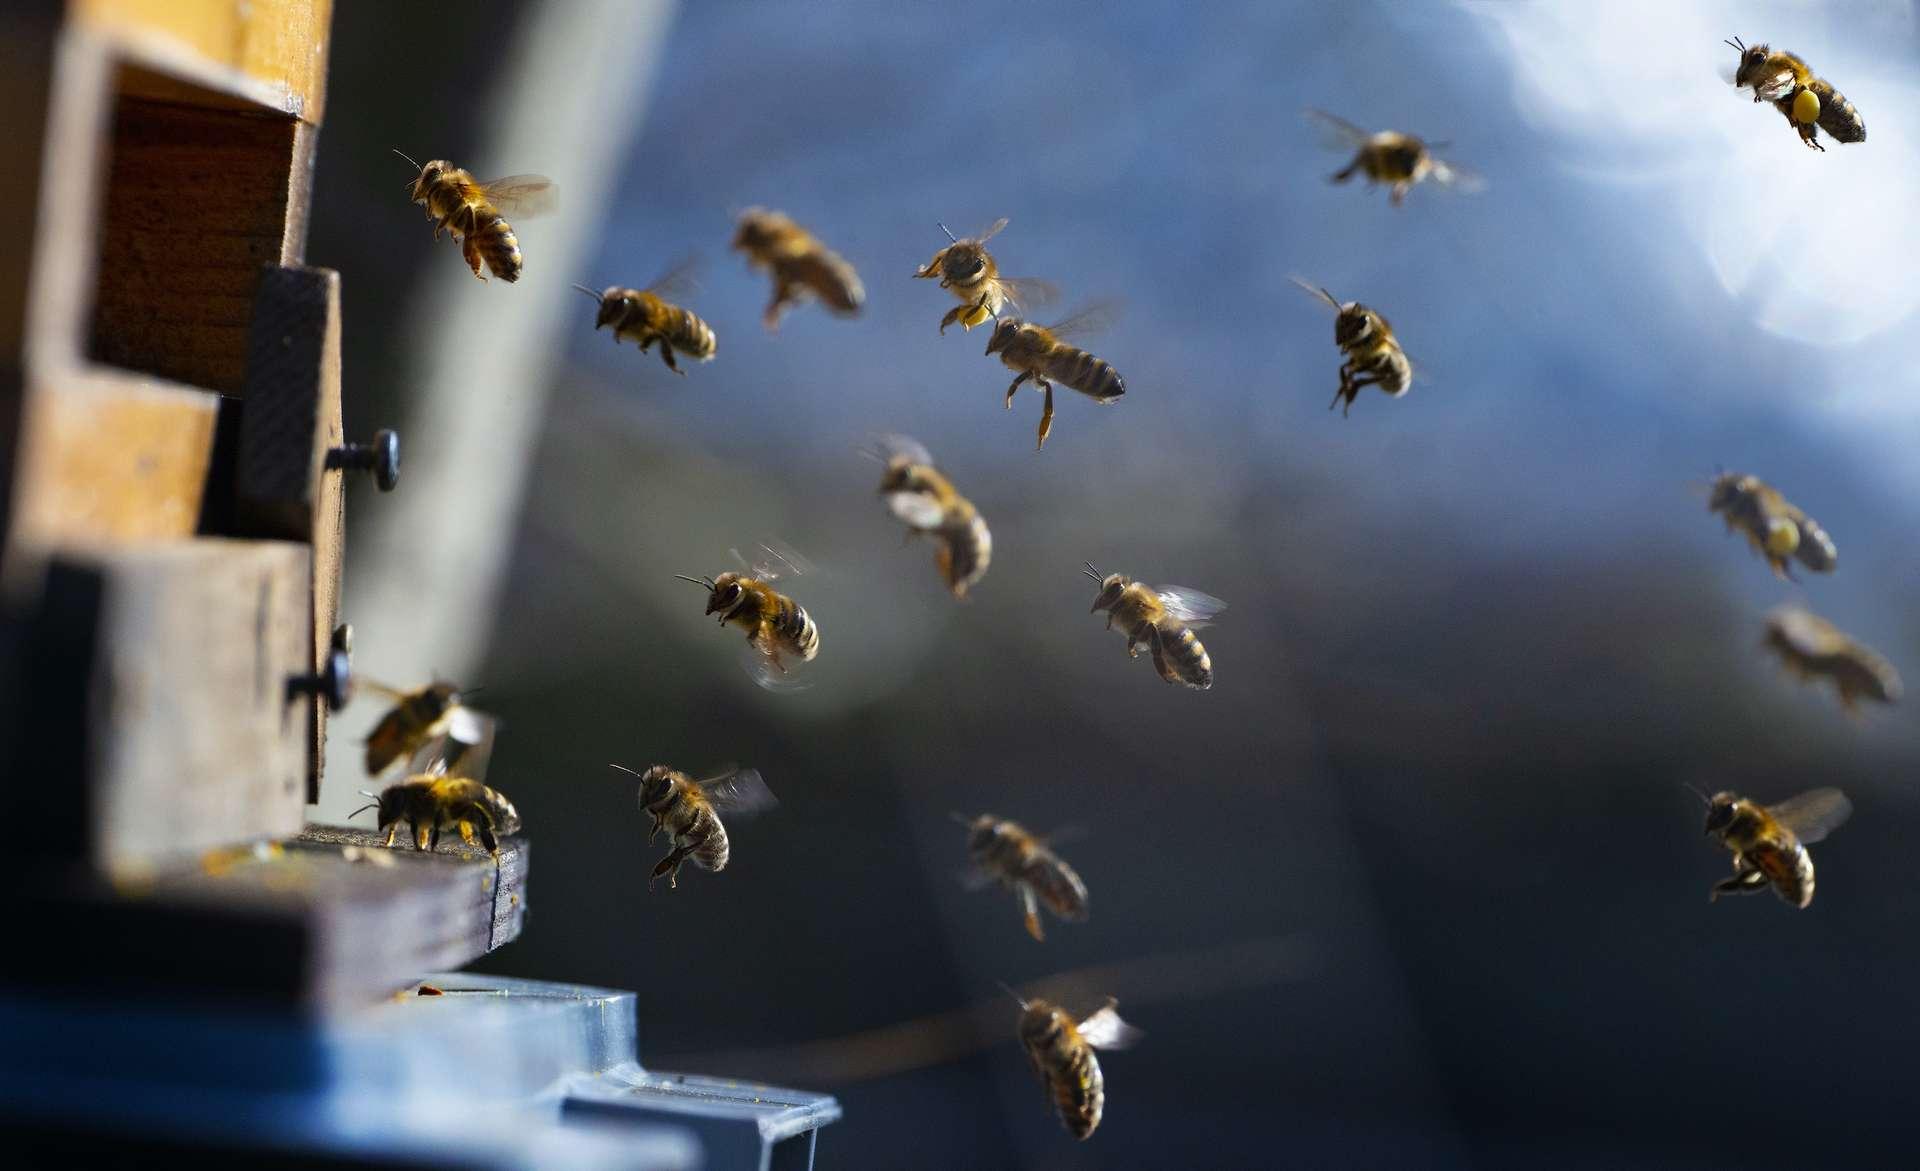 Deux pesticides ayant le même mode d'action que les néonicotinoïdes sont désormais interdits. © Vera Kuttelvaserova, Adobe Stock